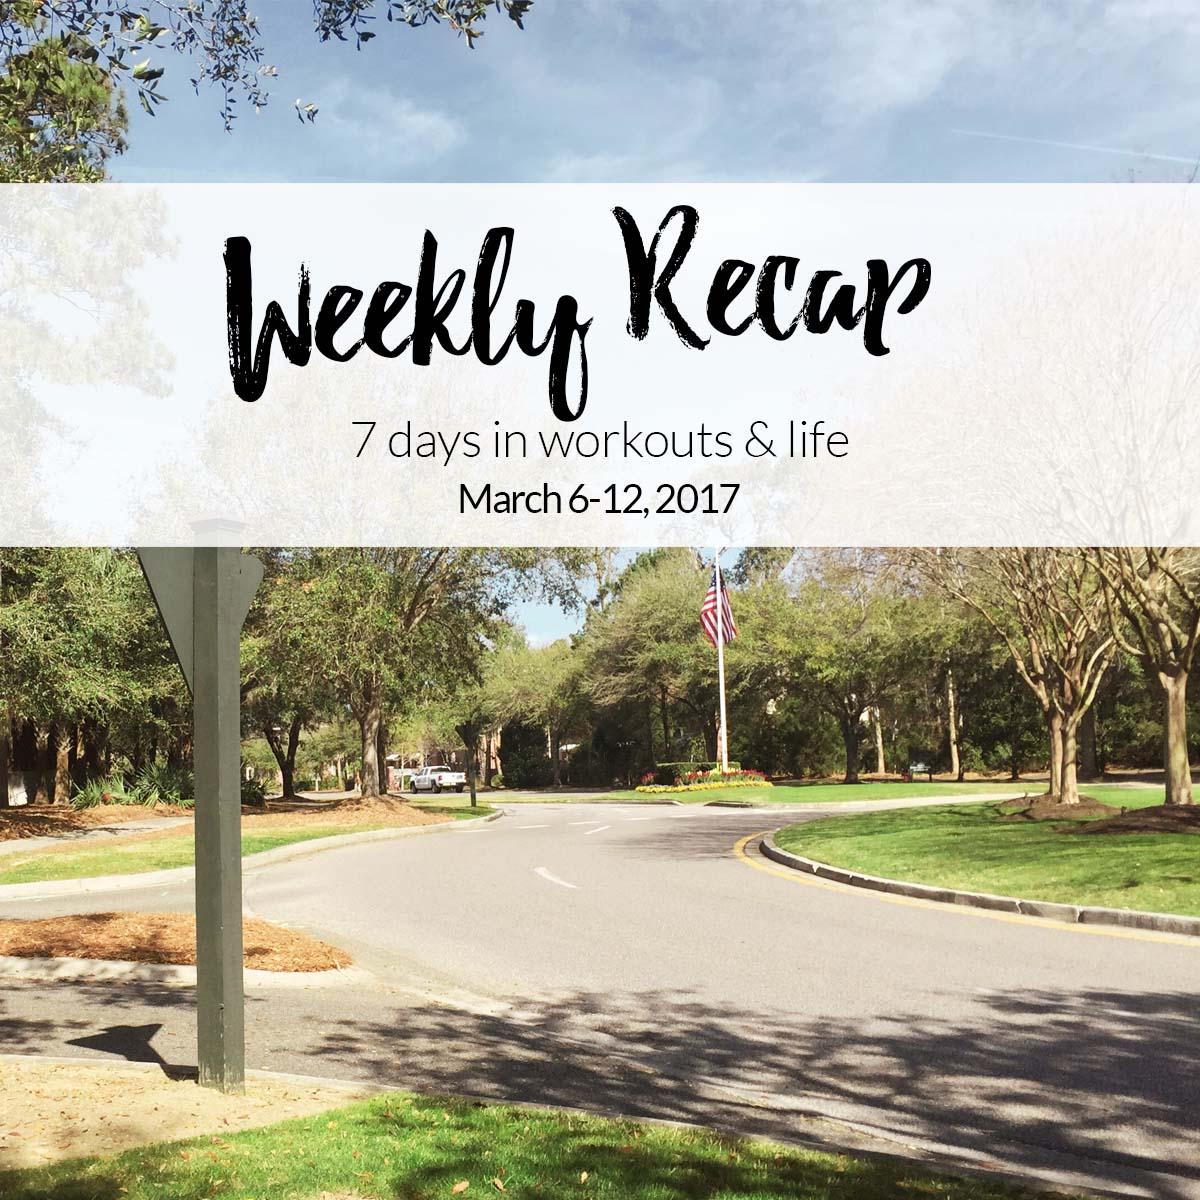 Weekly recap - march 6-12